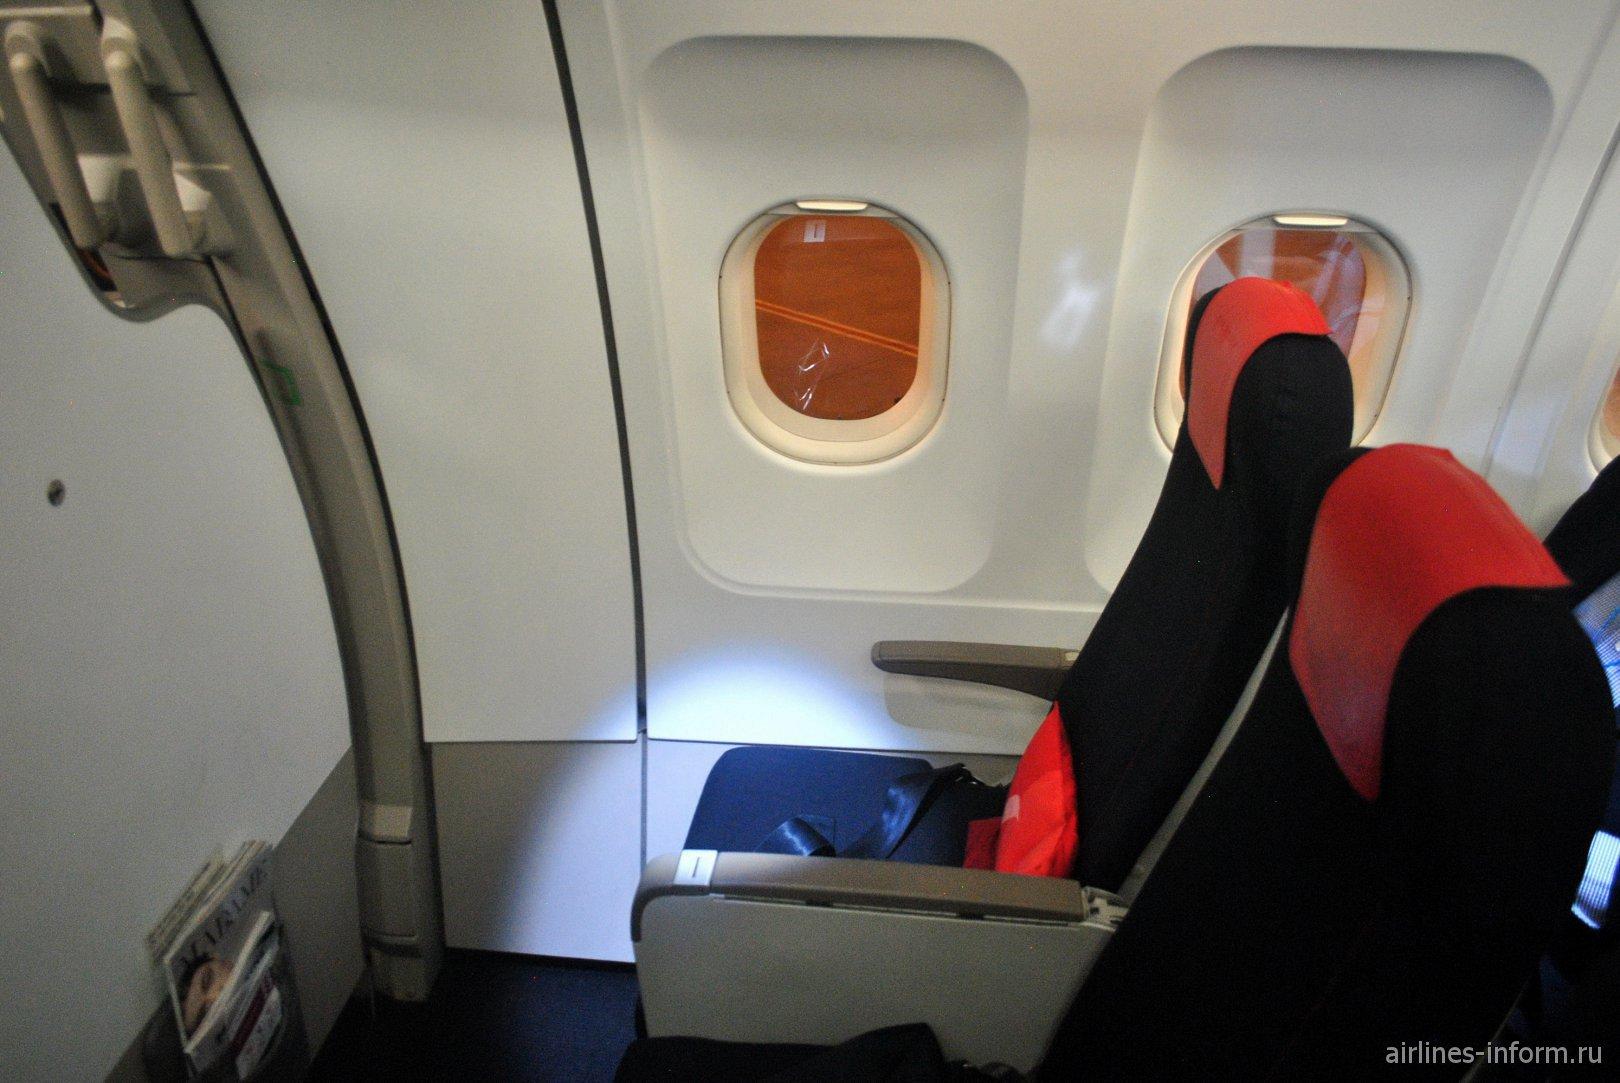 Места бизнес-класса в Airbus A318 авиакомпании Air France